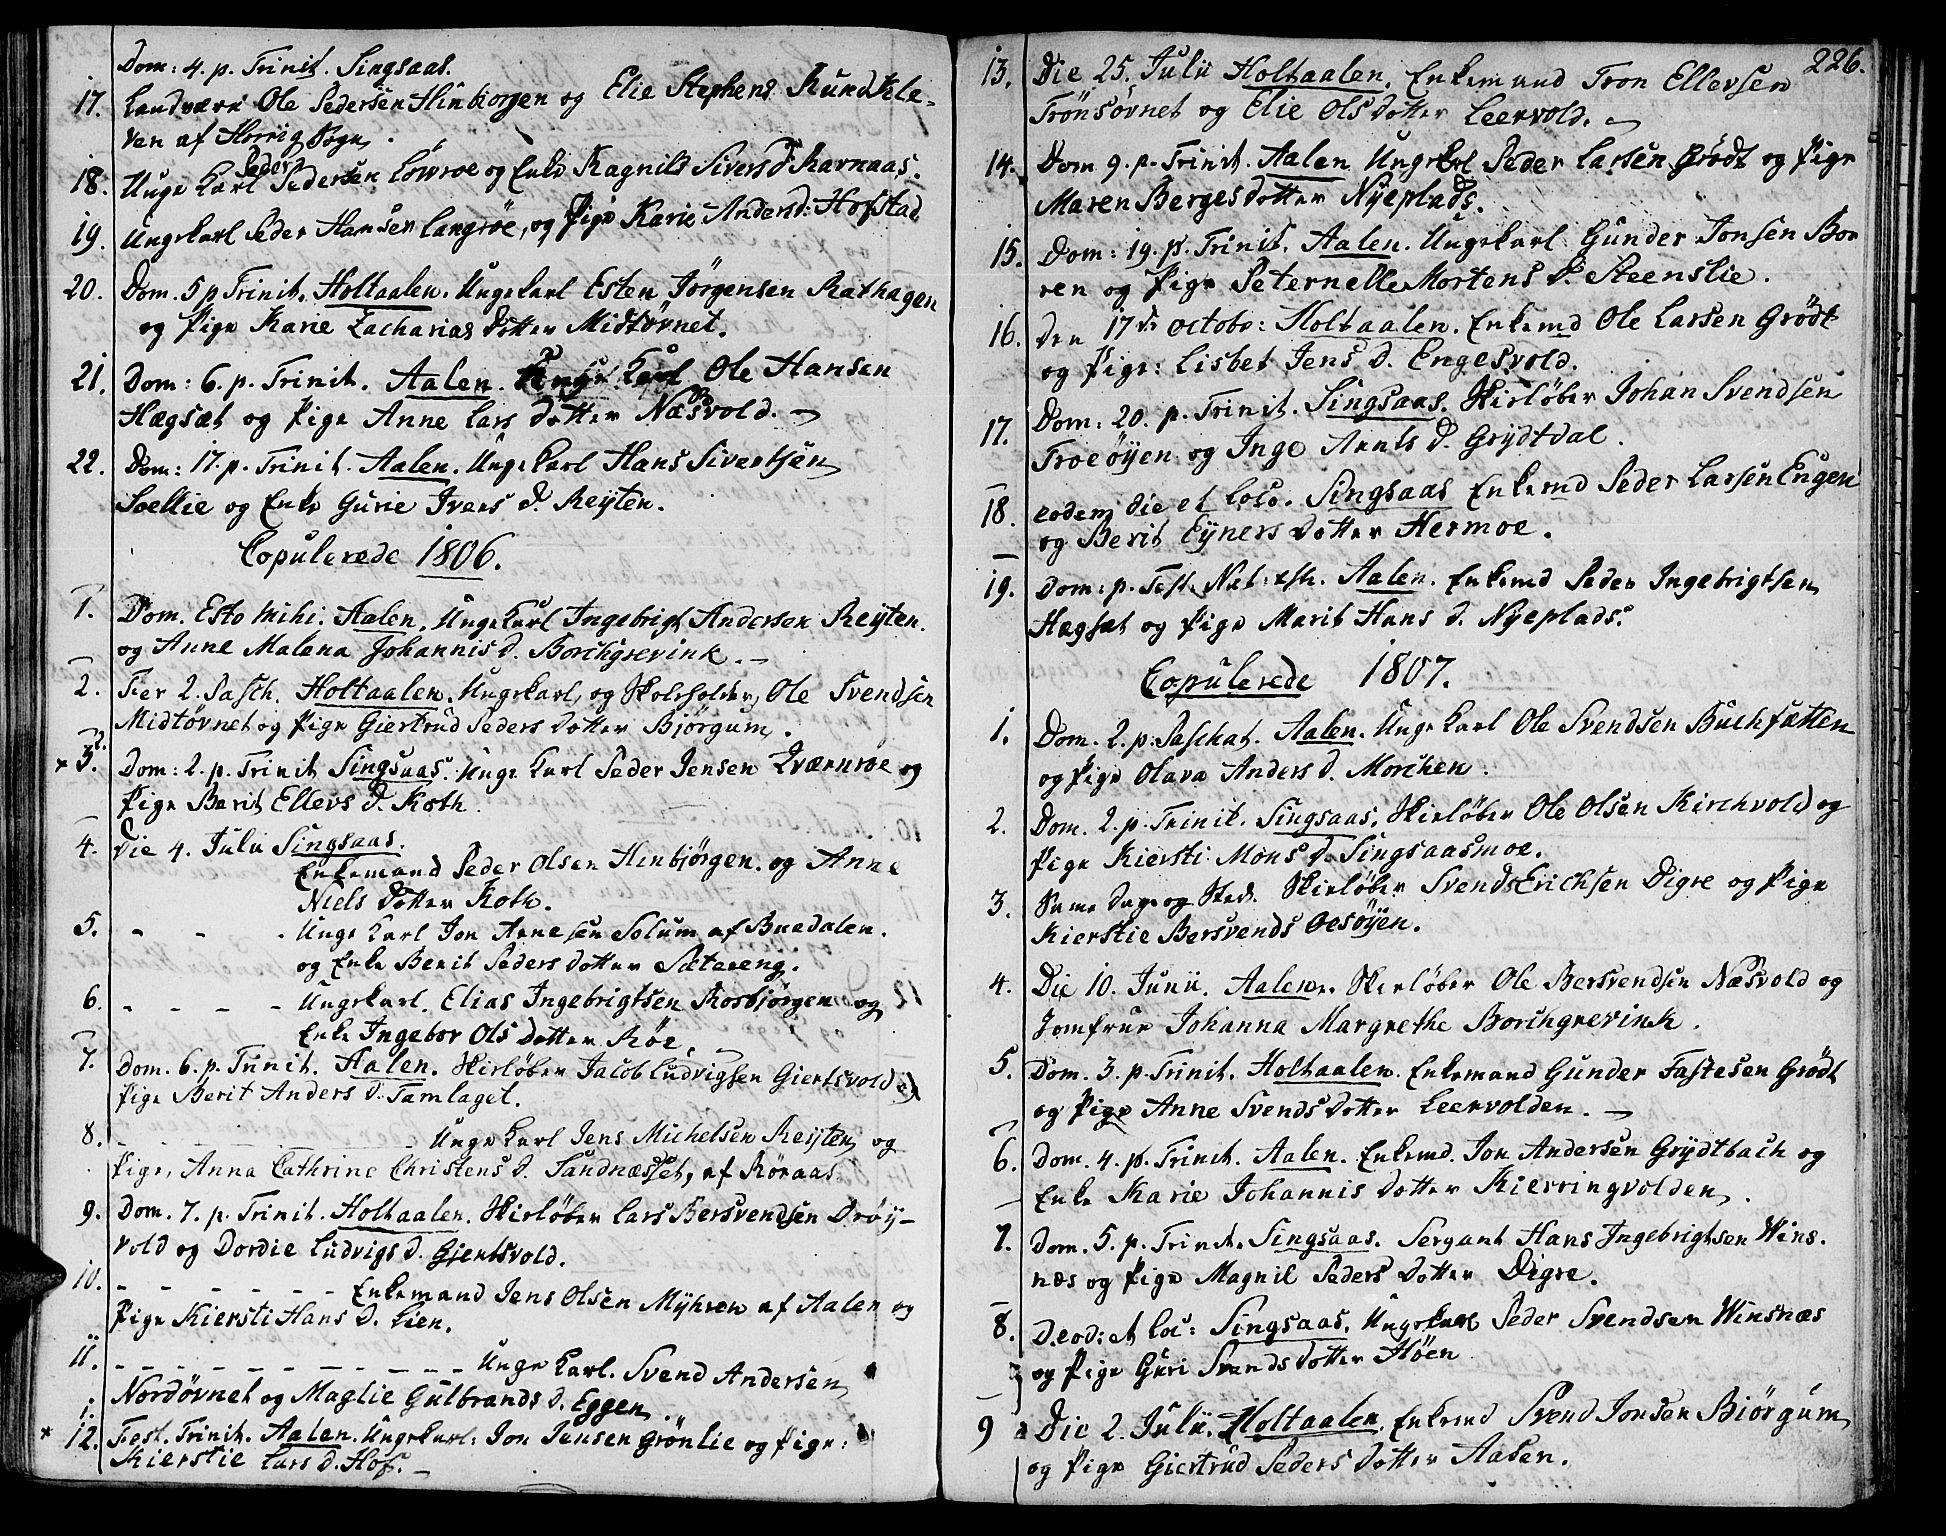 SAT, Ministerialprotokoller, klokkerbøker og fødselsregistre - Sør-Trøndelag, 685/L0953: Ministerialbok nr. 685A02, 1805-1816, s. 226